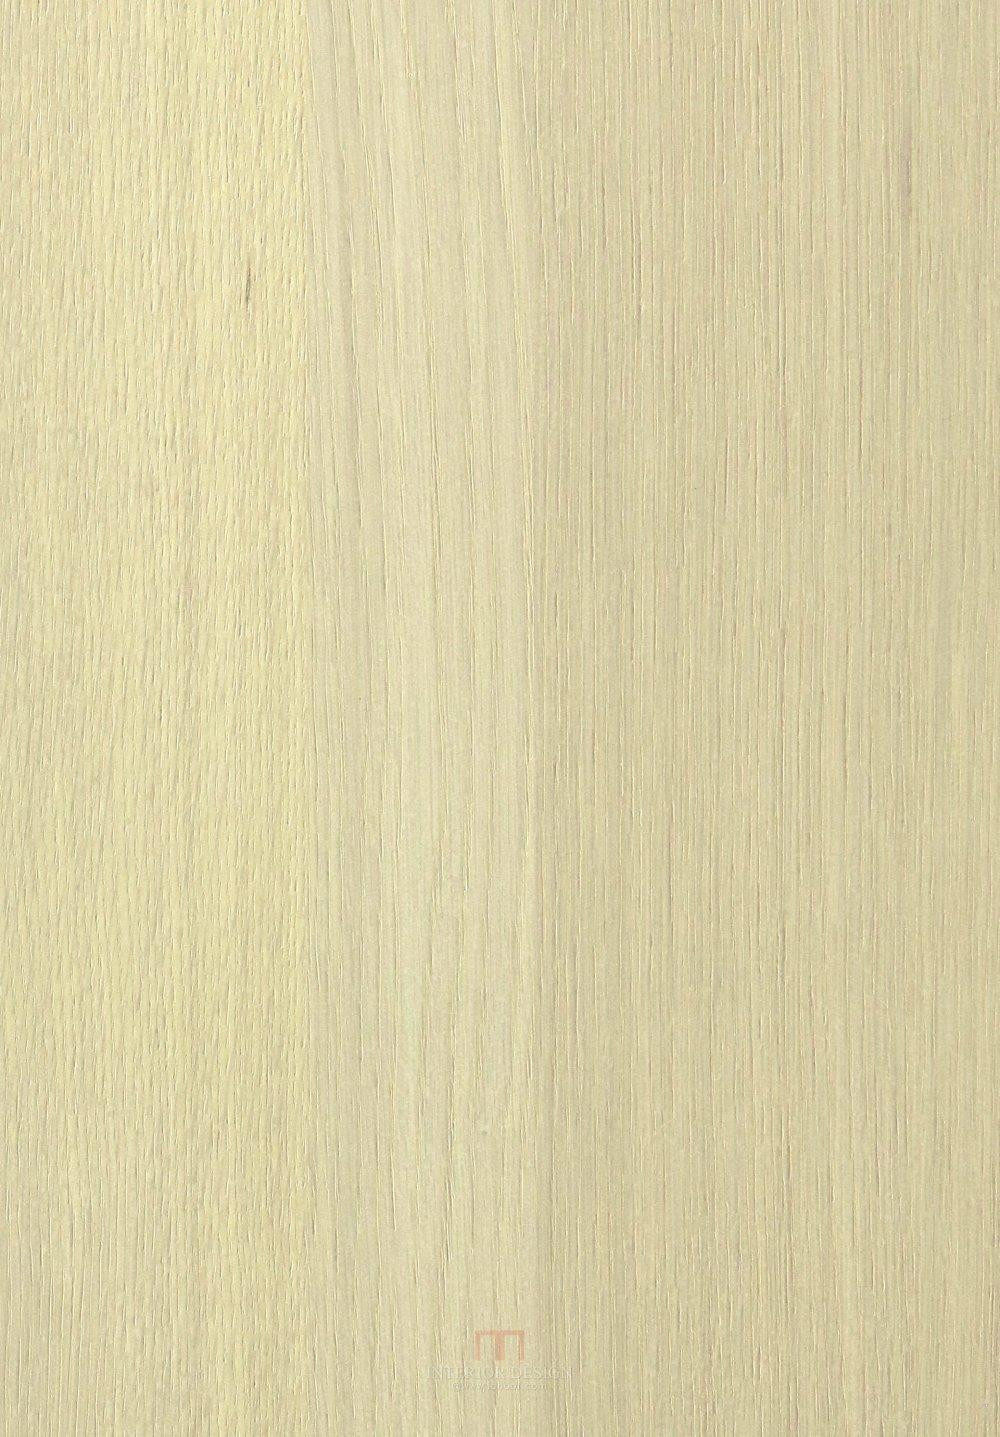 K6129BN_白橡木自然拼.JPG